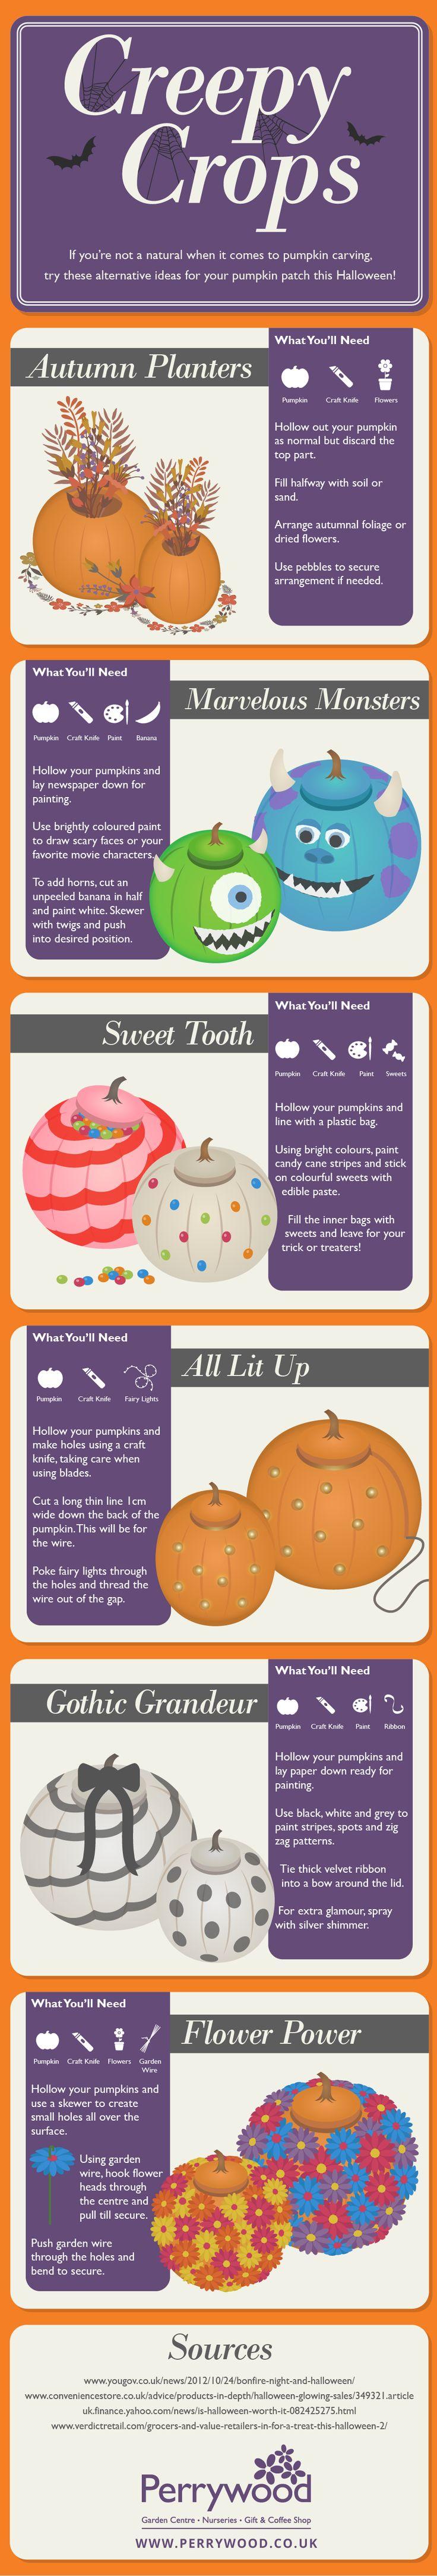 Best 10+ Good pumpkin carving ideas ideas on Pinterest | Ideas for ...